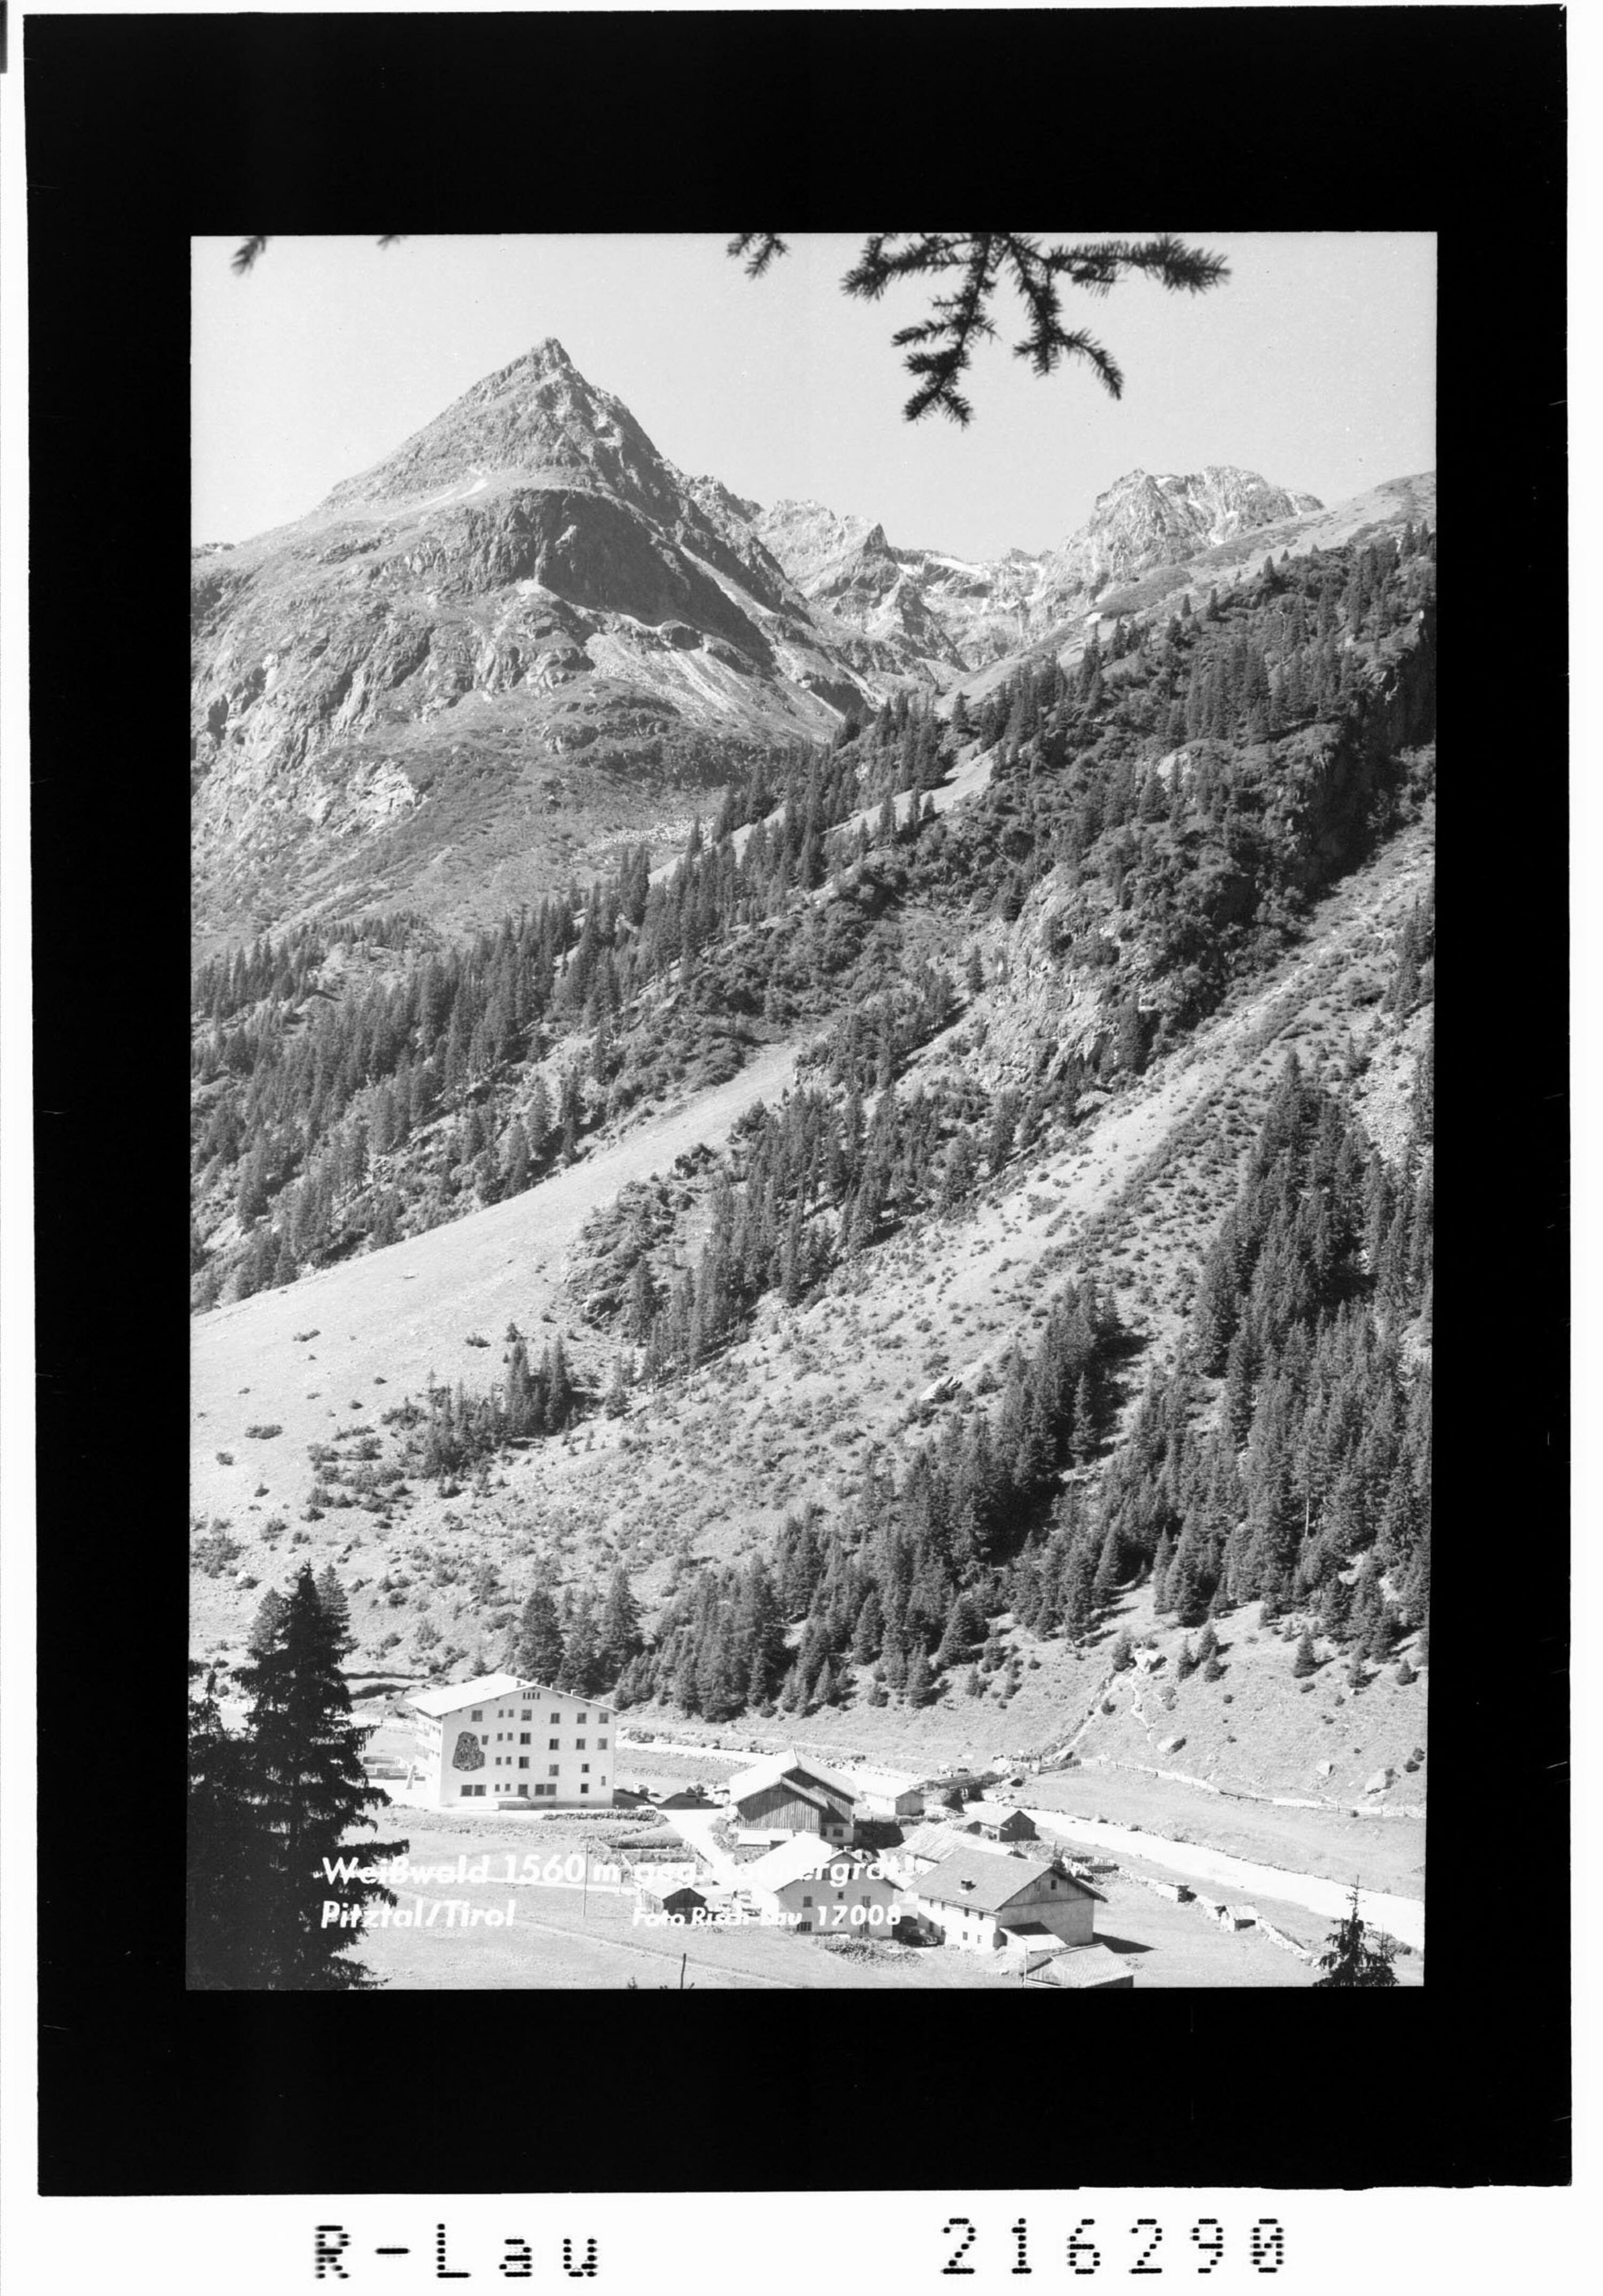 Weisswald 1560 m gegen Kaunergrat Pitztal / Tirol von Risch-Lau